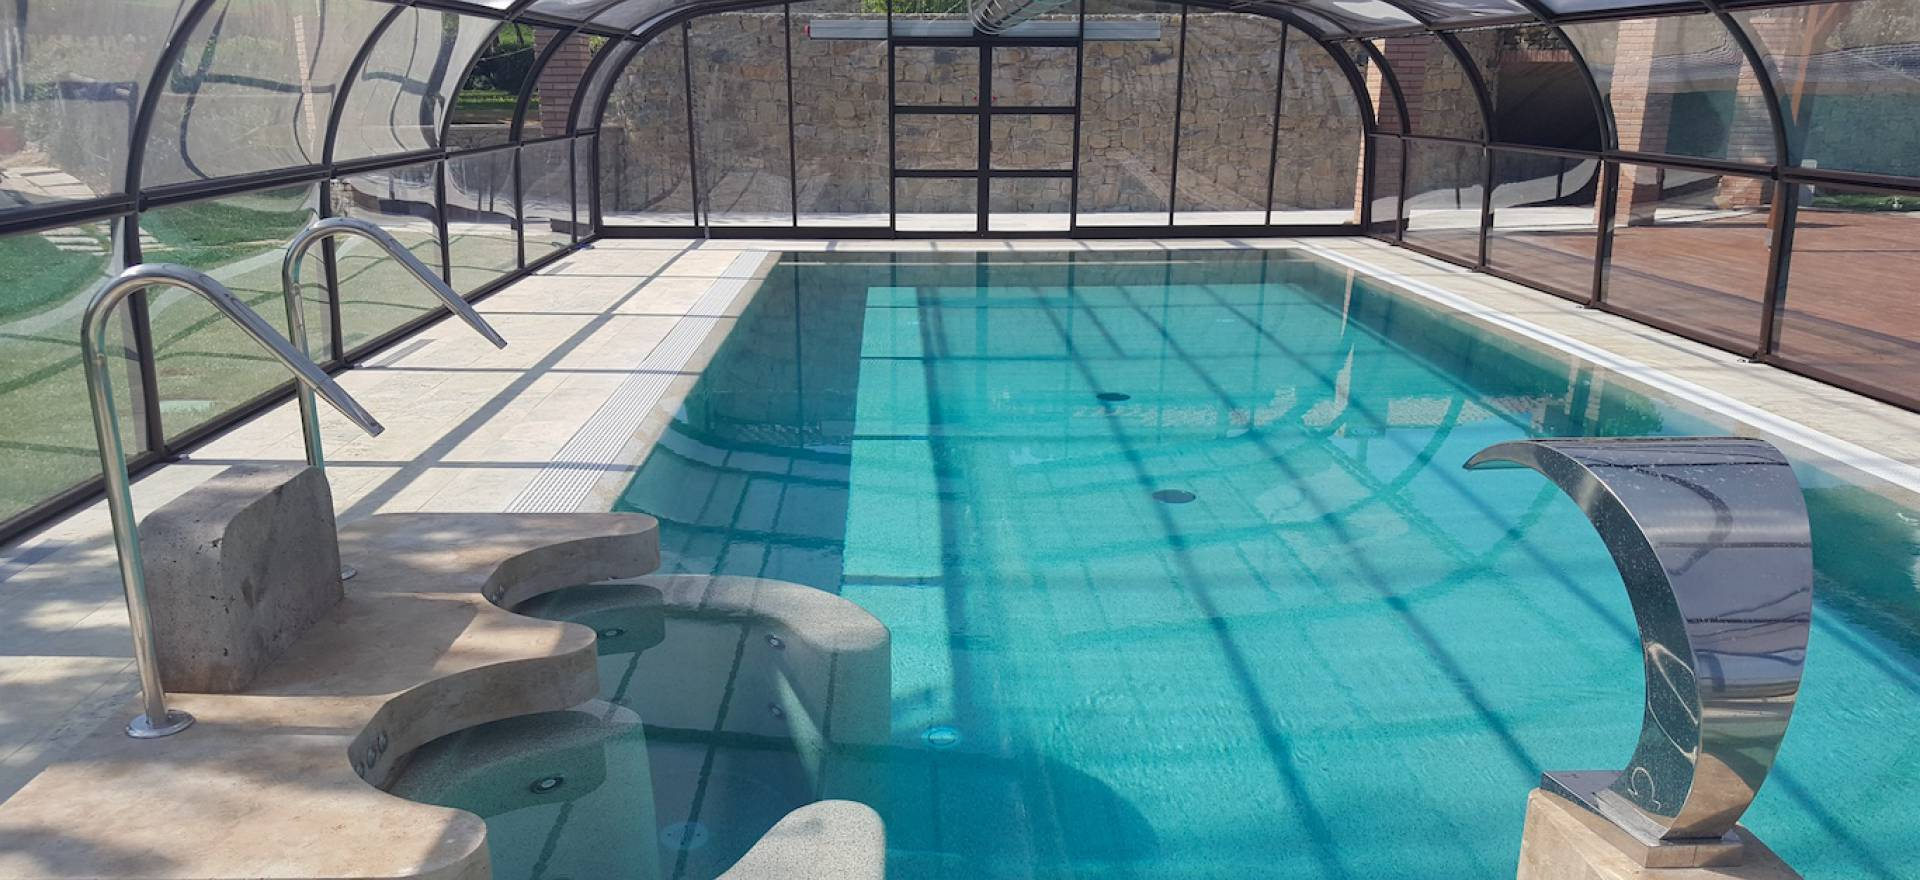 Agriturismo Toscana Resort di campagna in Toscana con ristorante e bella piscina